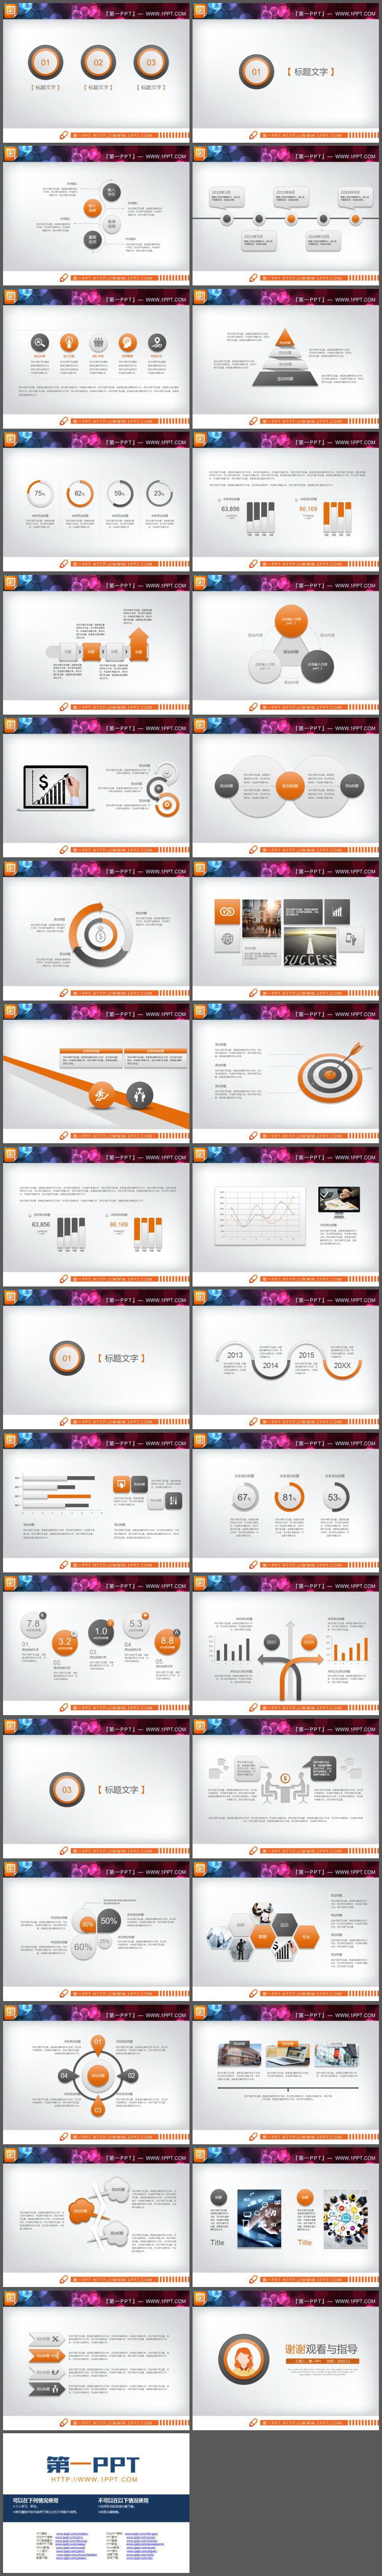 34套橙黑配色渐变风格PPT图表免费下载